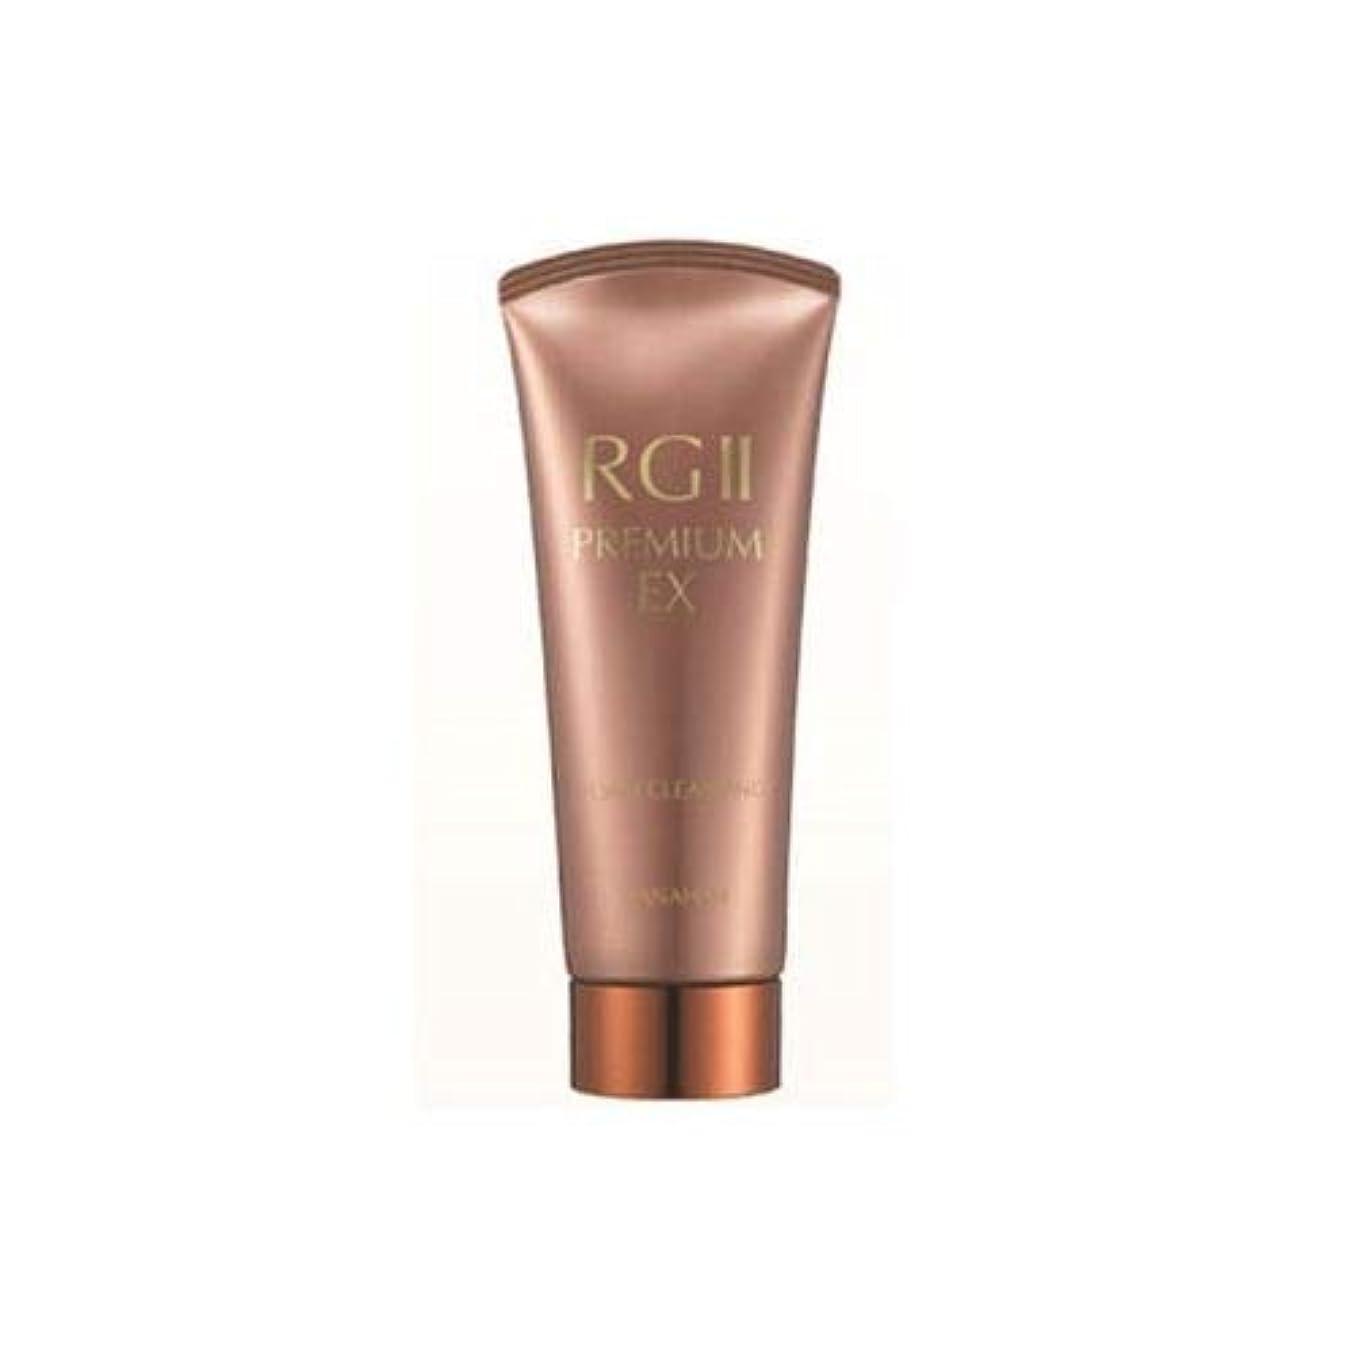 なぞらえるコンパスガードDanahan RGll Premium EX Foam Cleansing 多娜嫺 (ダナハン) RGll プレミアム EX フォームクレンジング 200ml [並行輸入品]